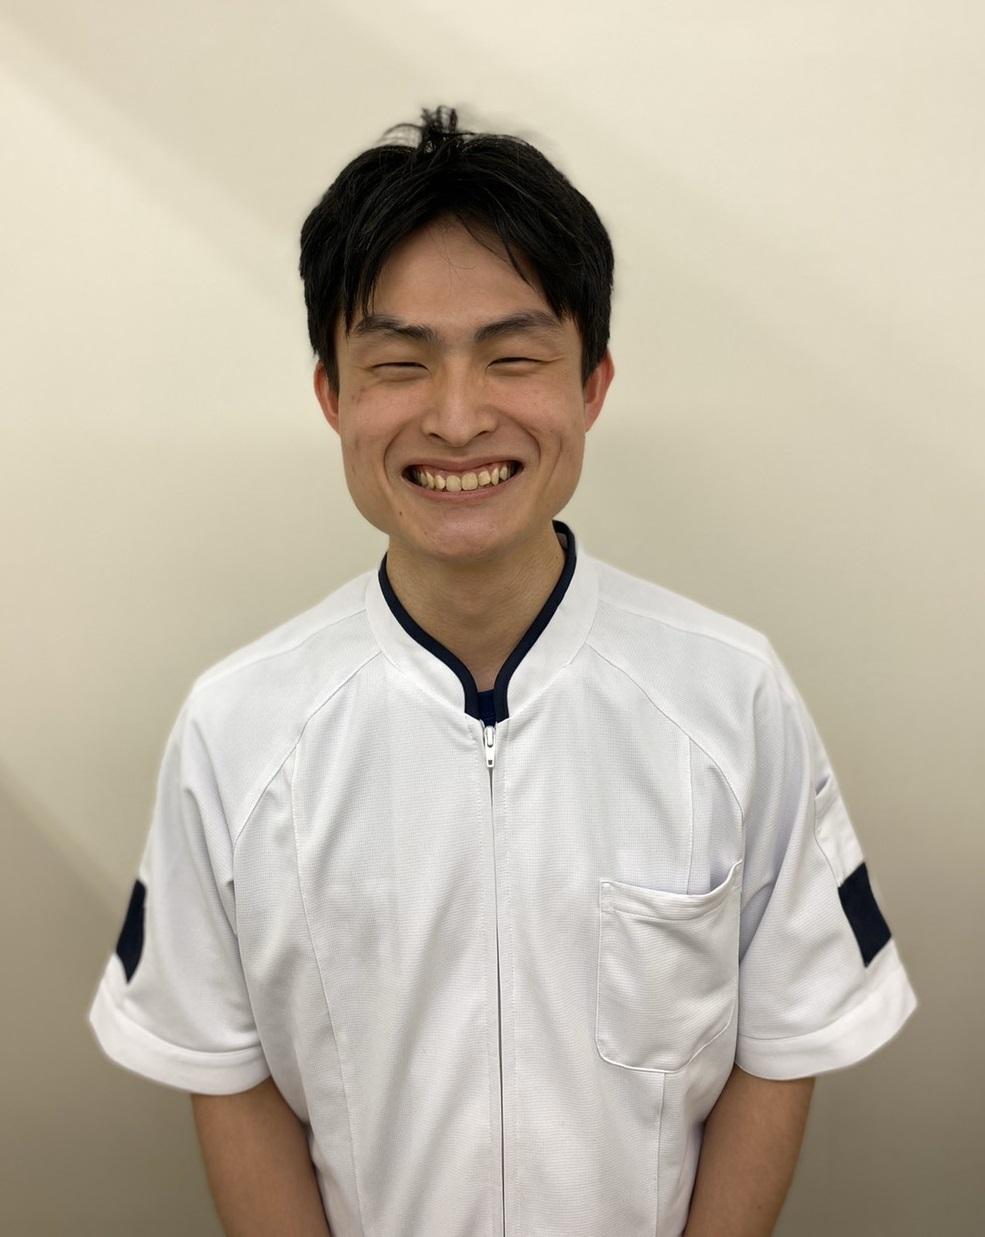 伊藤 恵汰